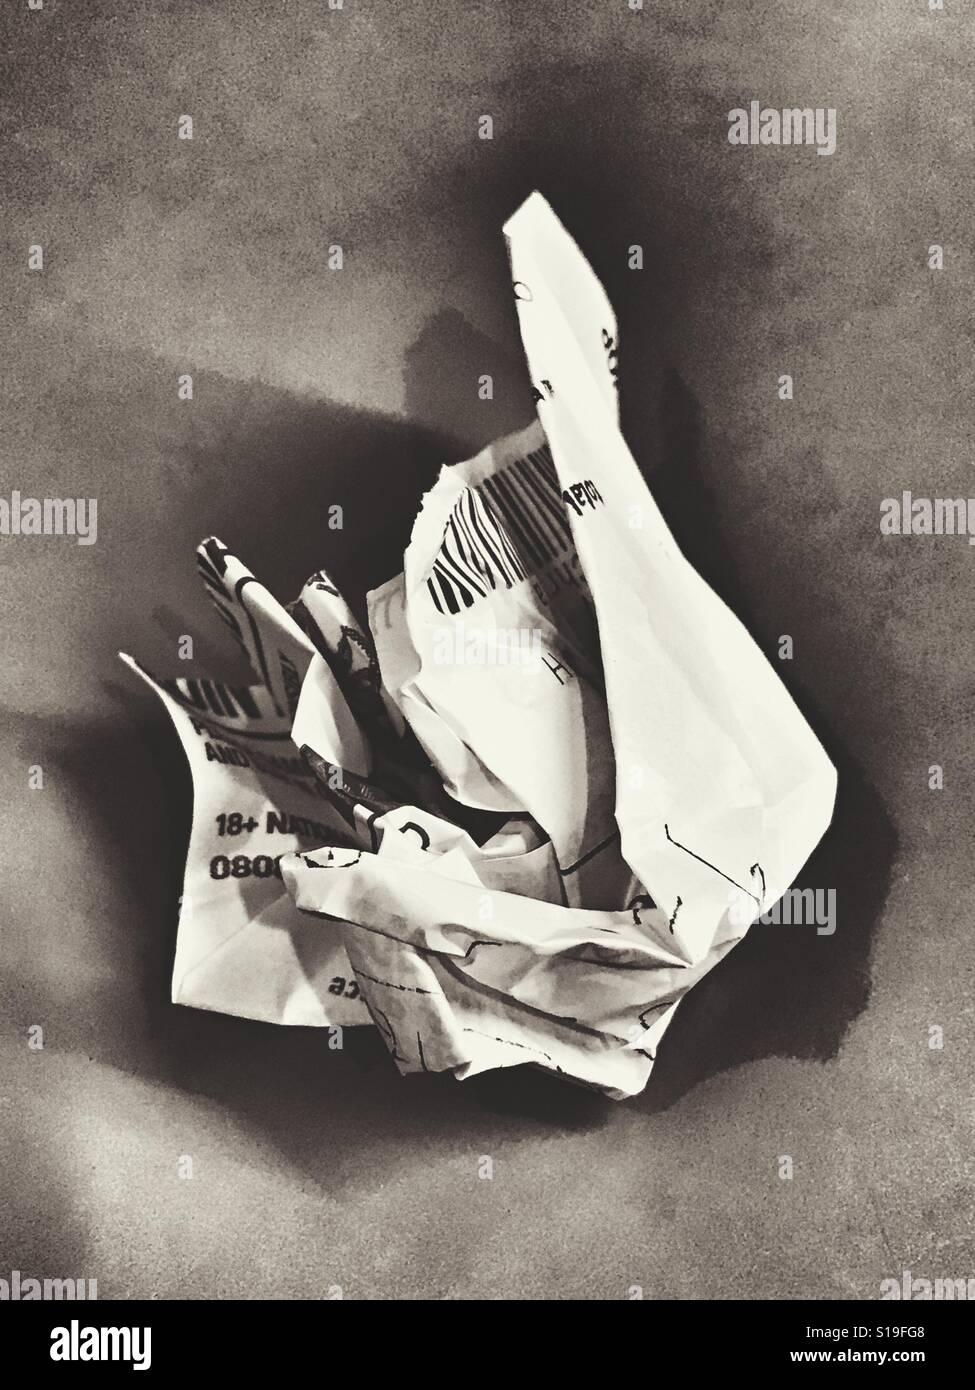 Ein zerknittertes verlieren Wettschein in schwarz / weiß Stockbild